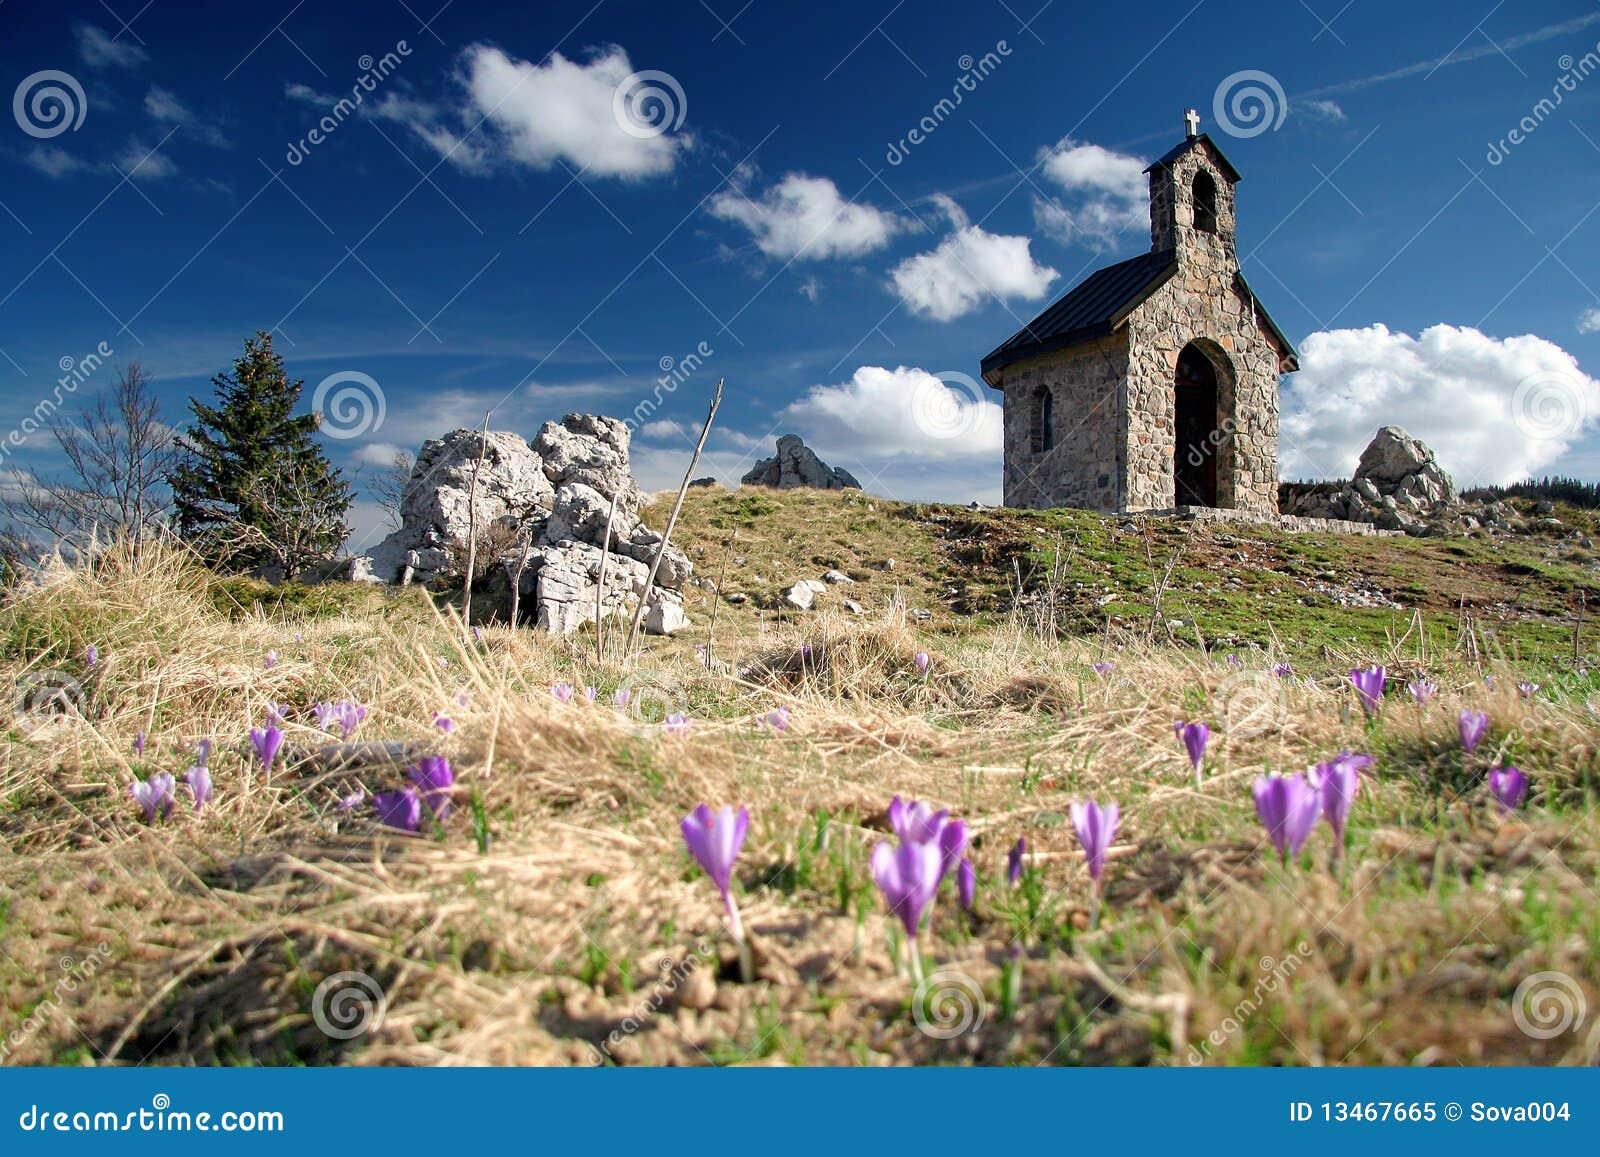 Crocus bloom at spring